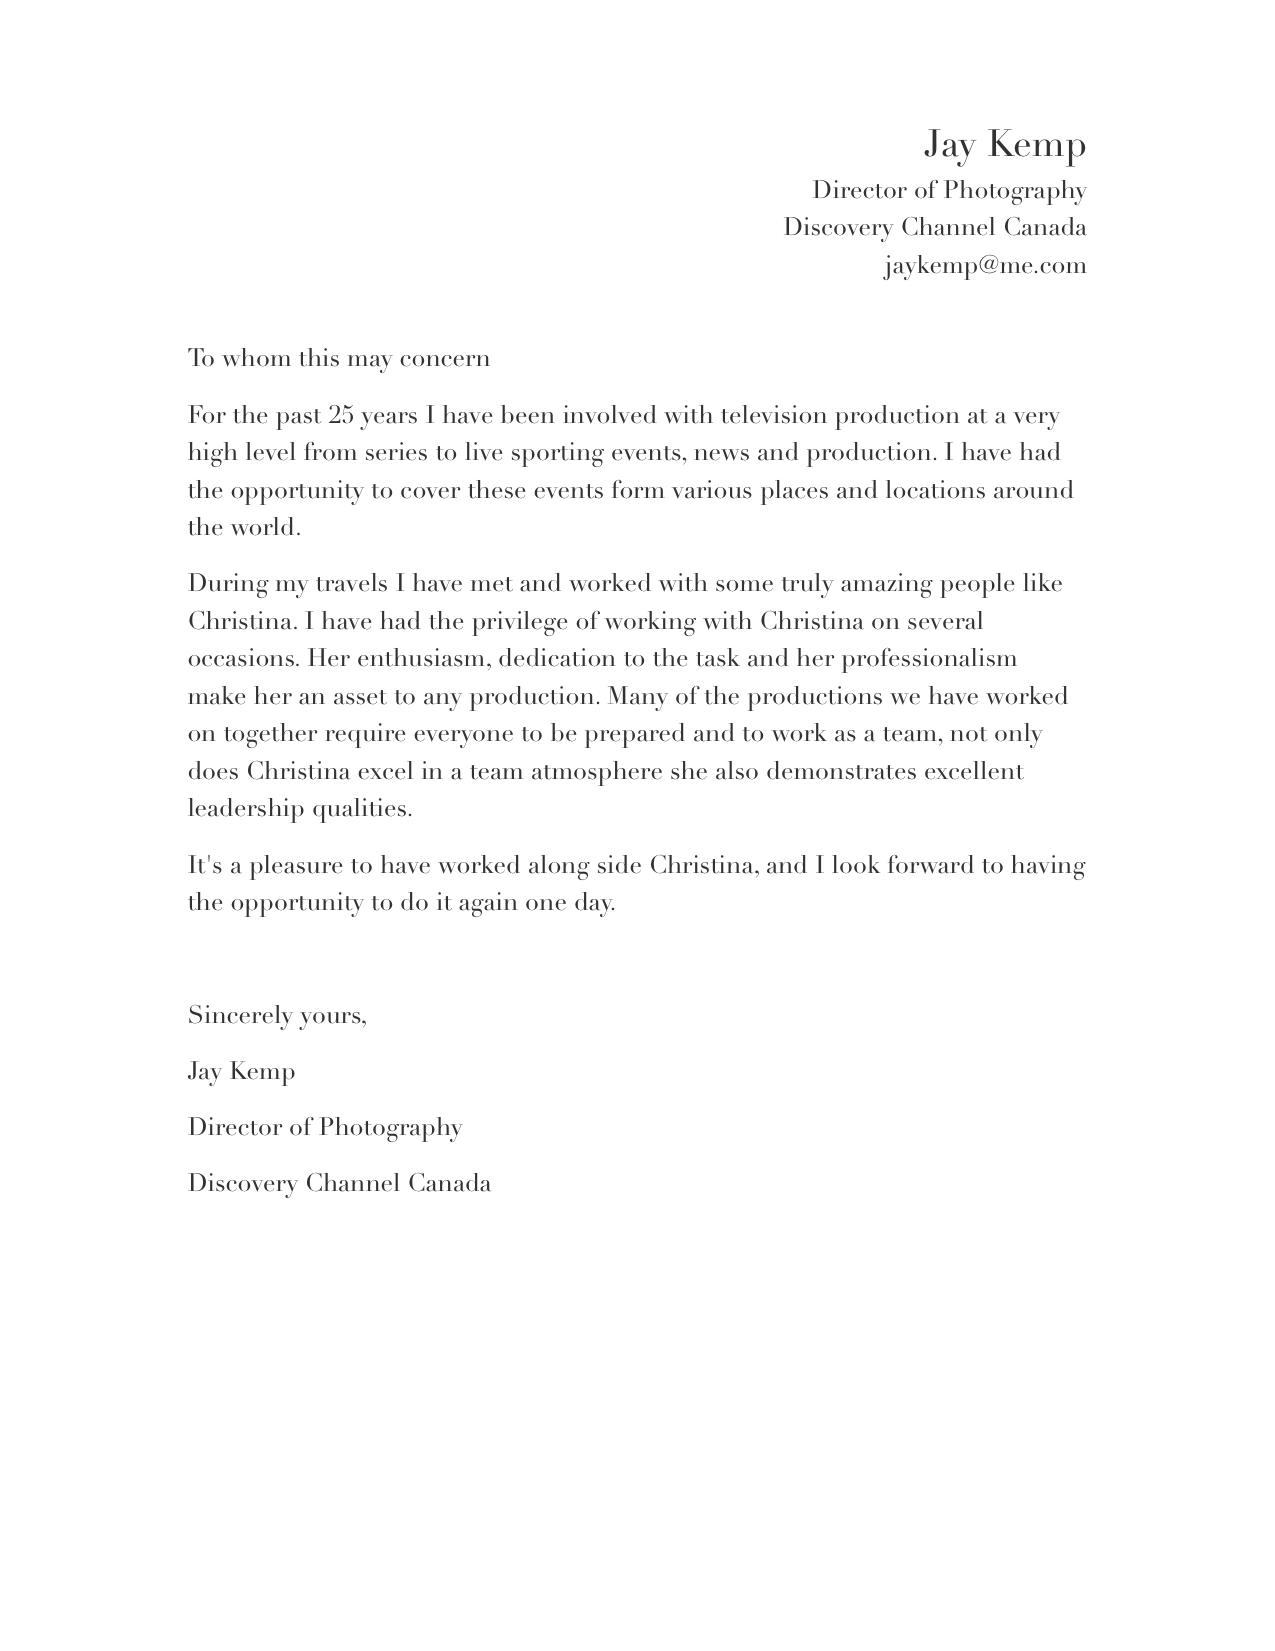 Letter for Christina.jpg